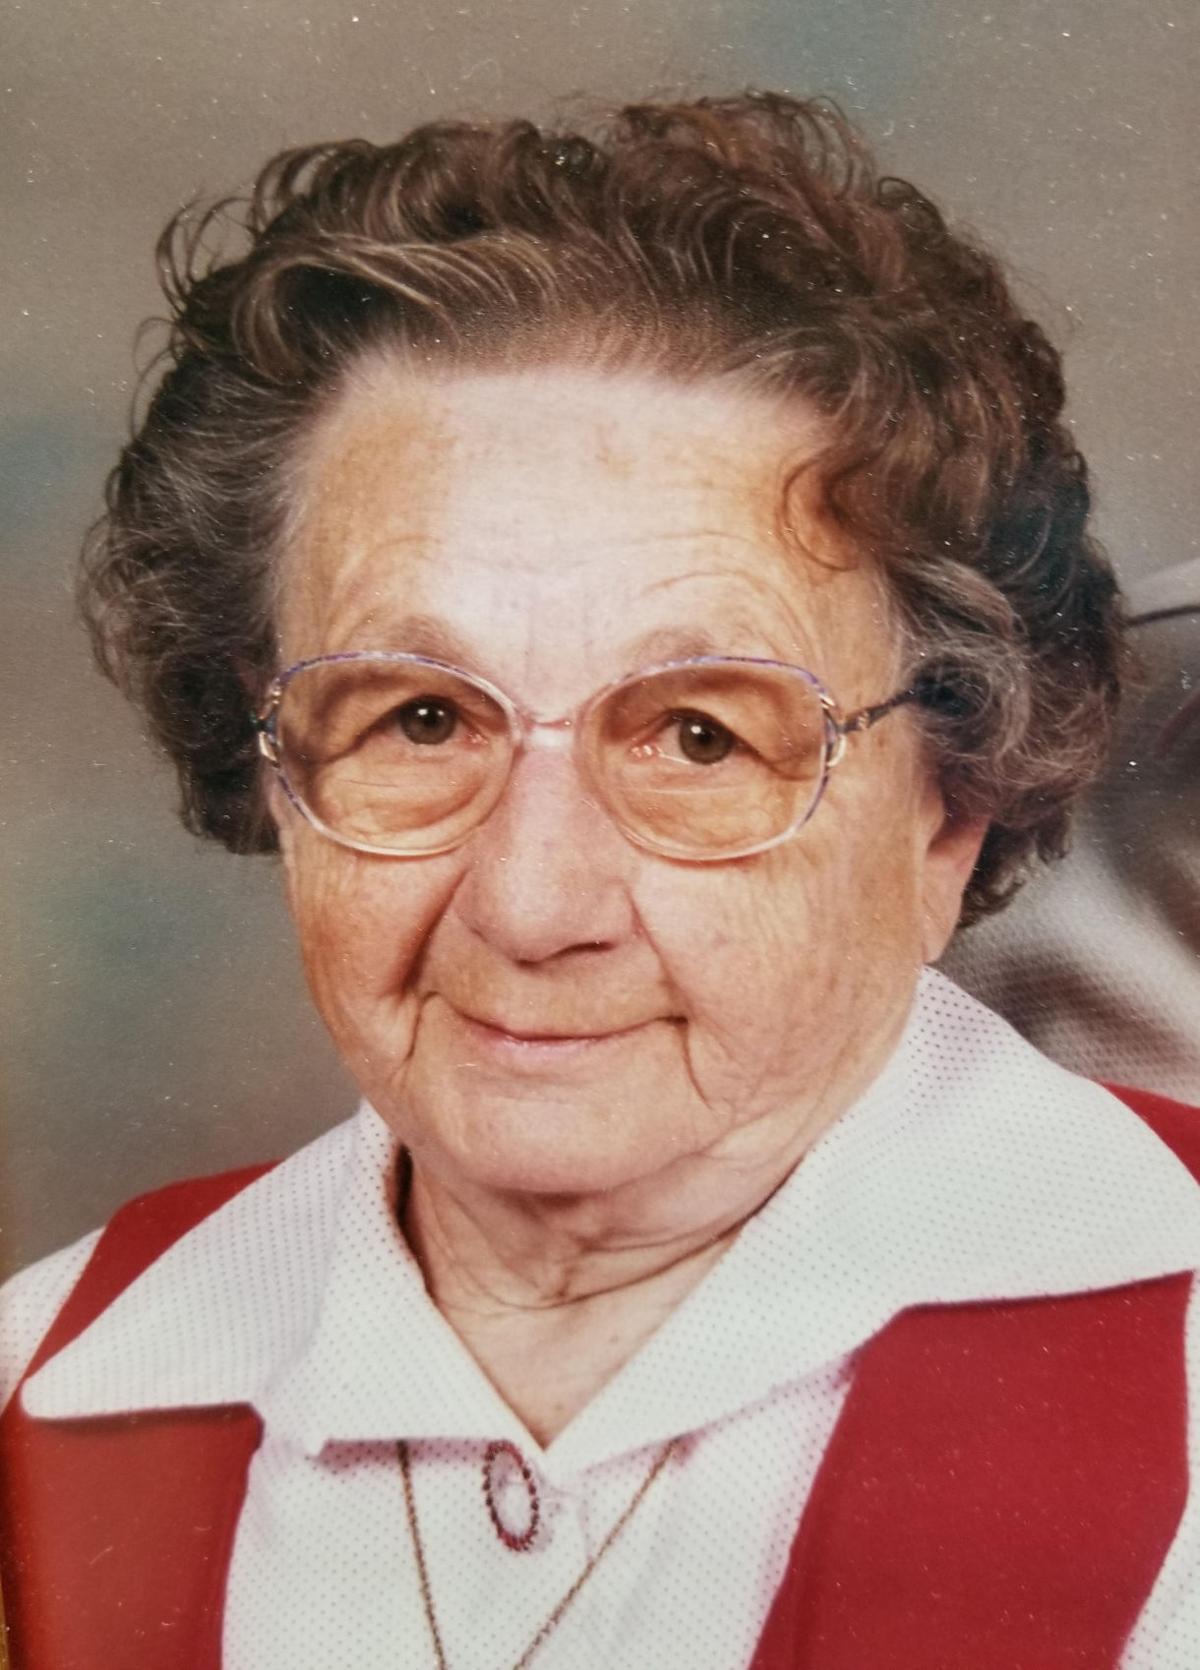 Erma Klotz